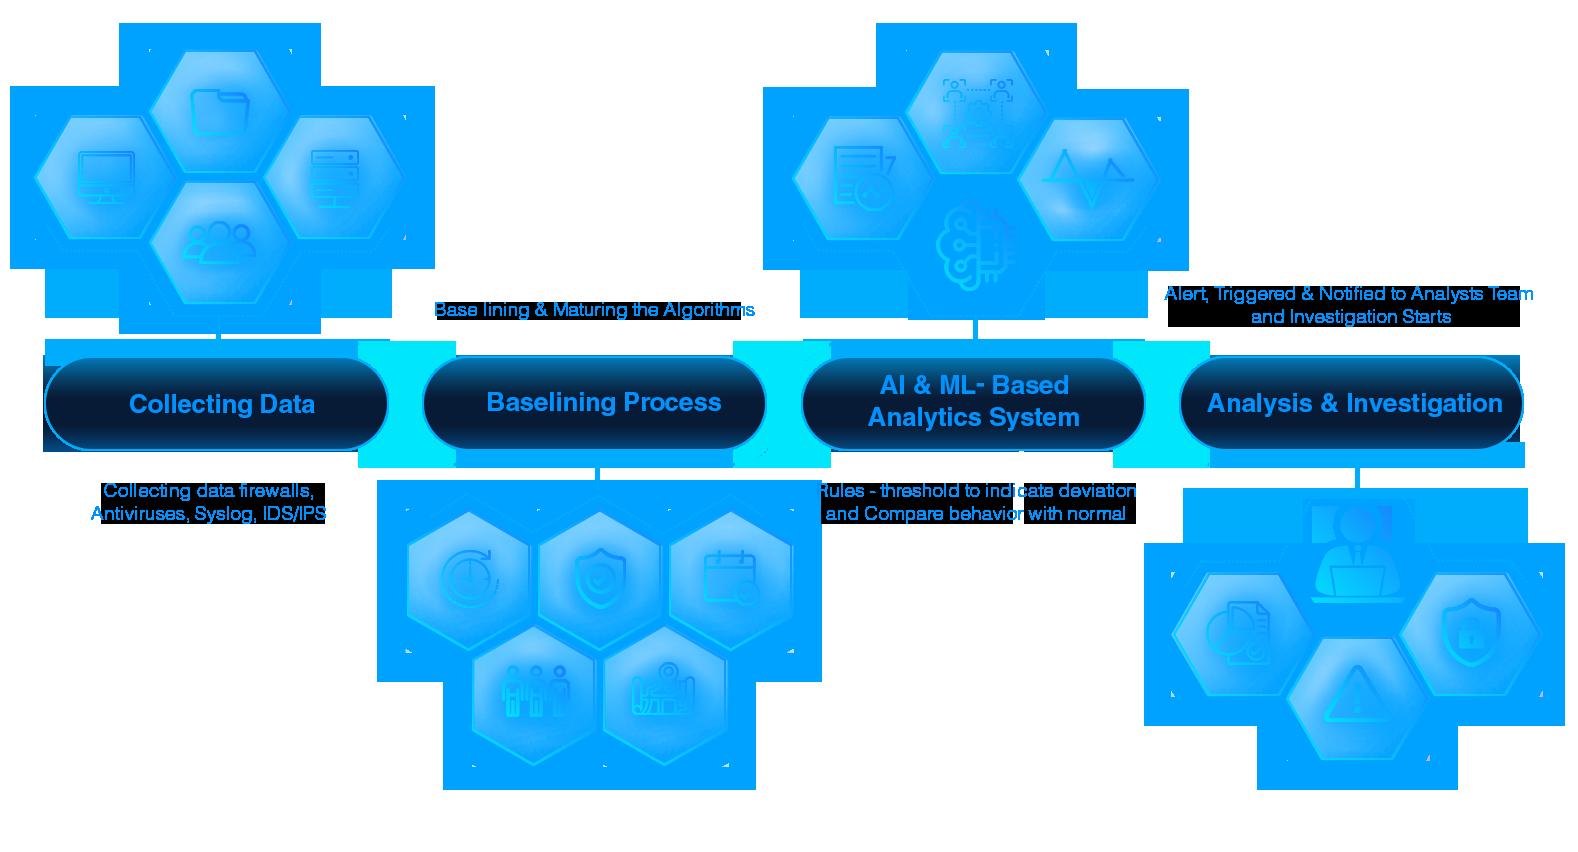 UEBA diagram 1